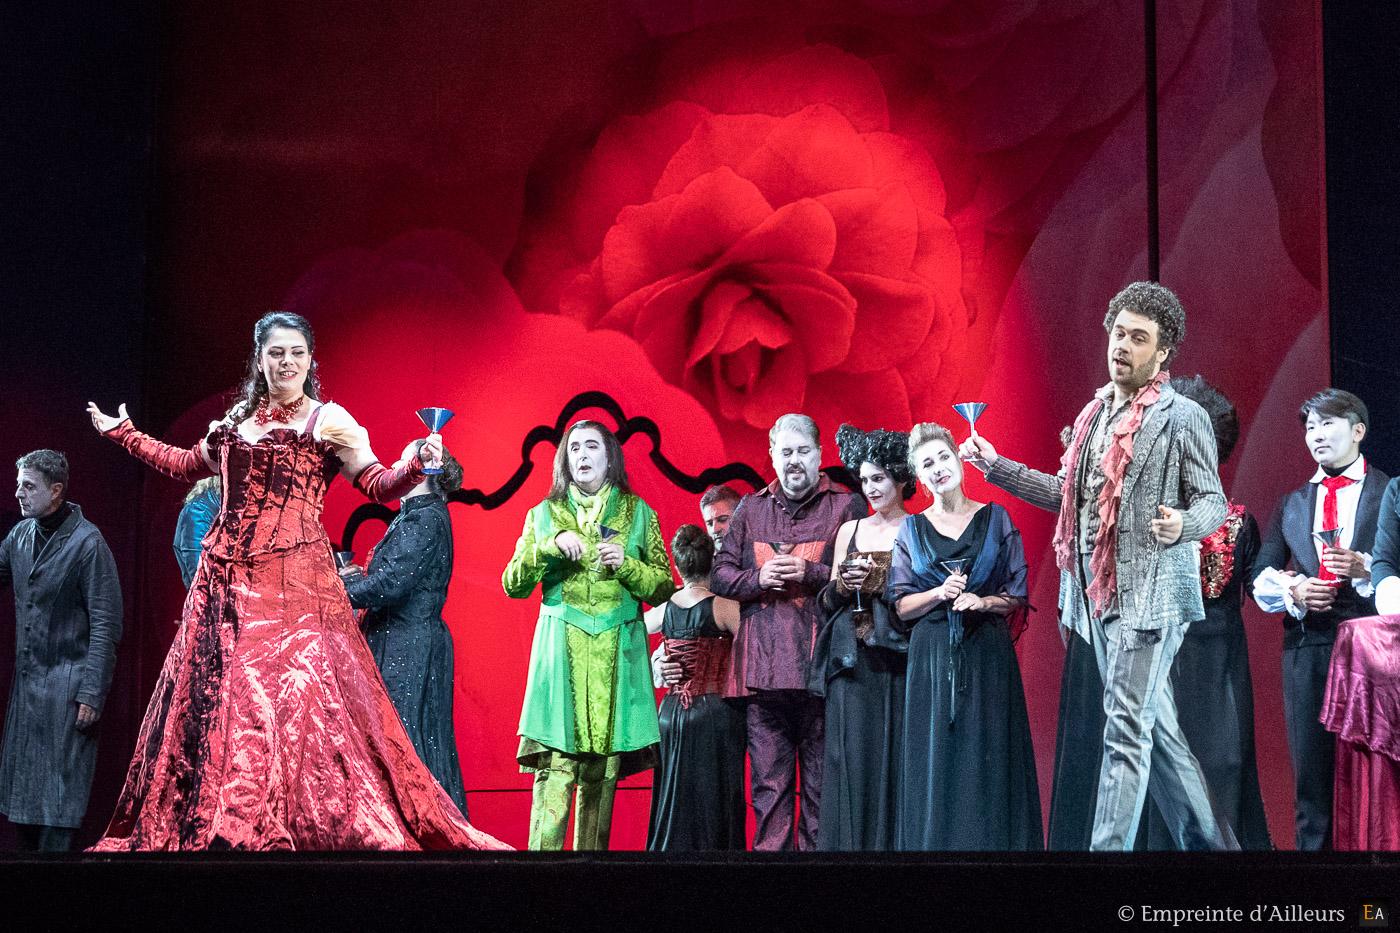 La Traviata Opéra d'Avignon